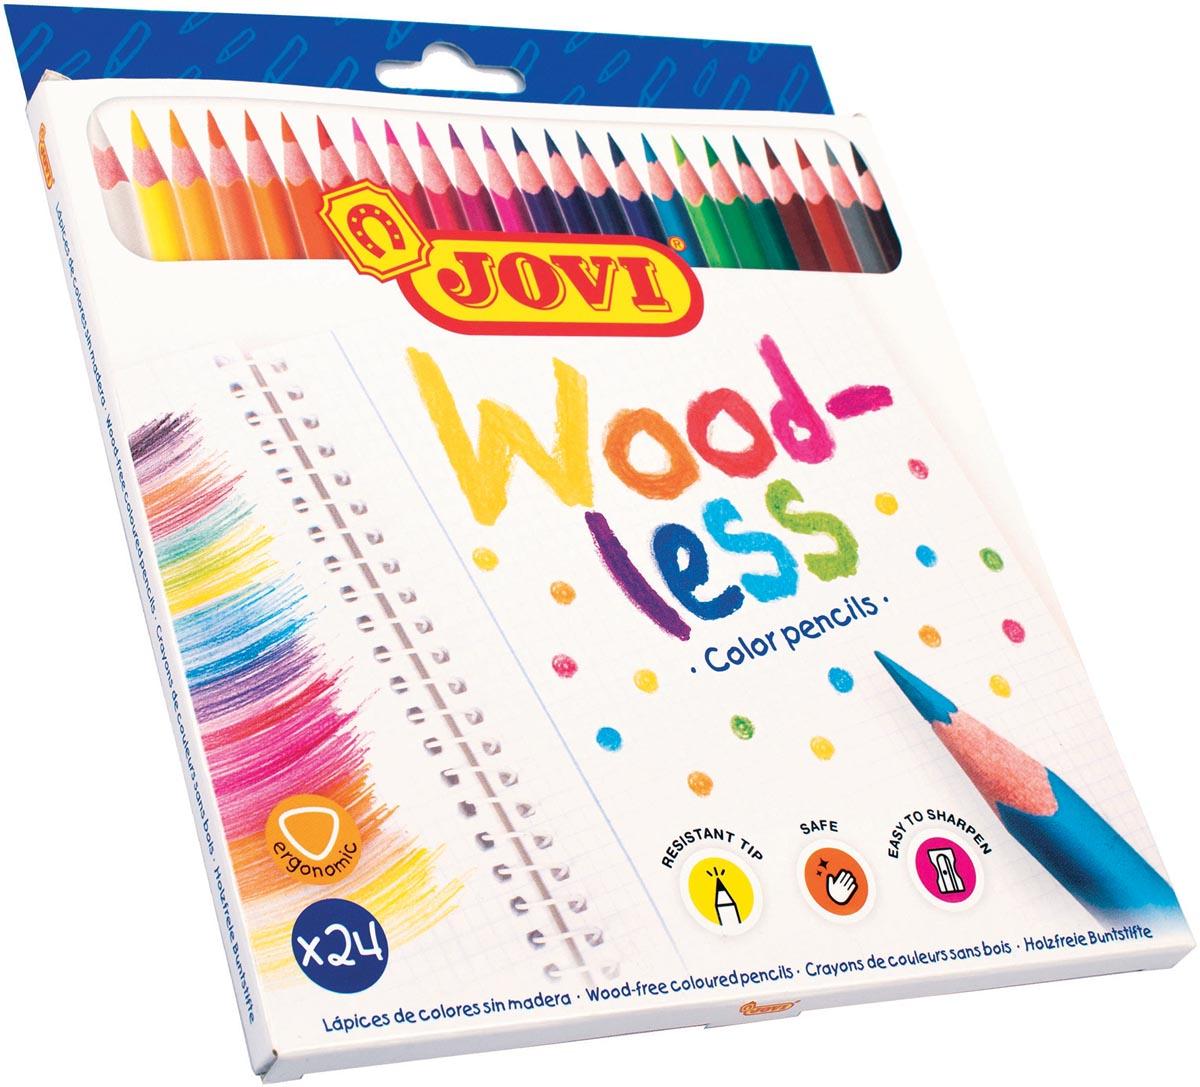 Jovi Kleurpotlood Woodless, kartonnen etui van 24 stuks